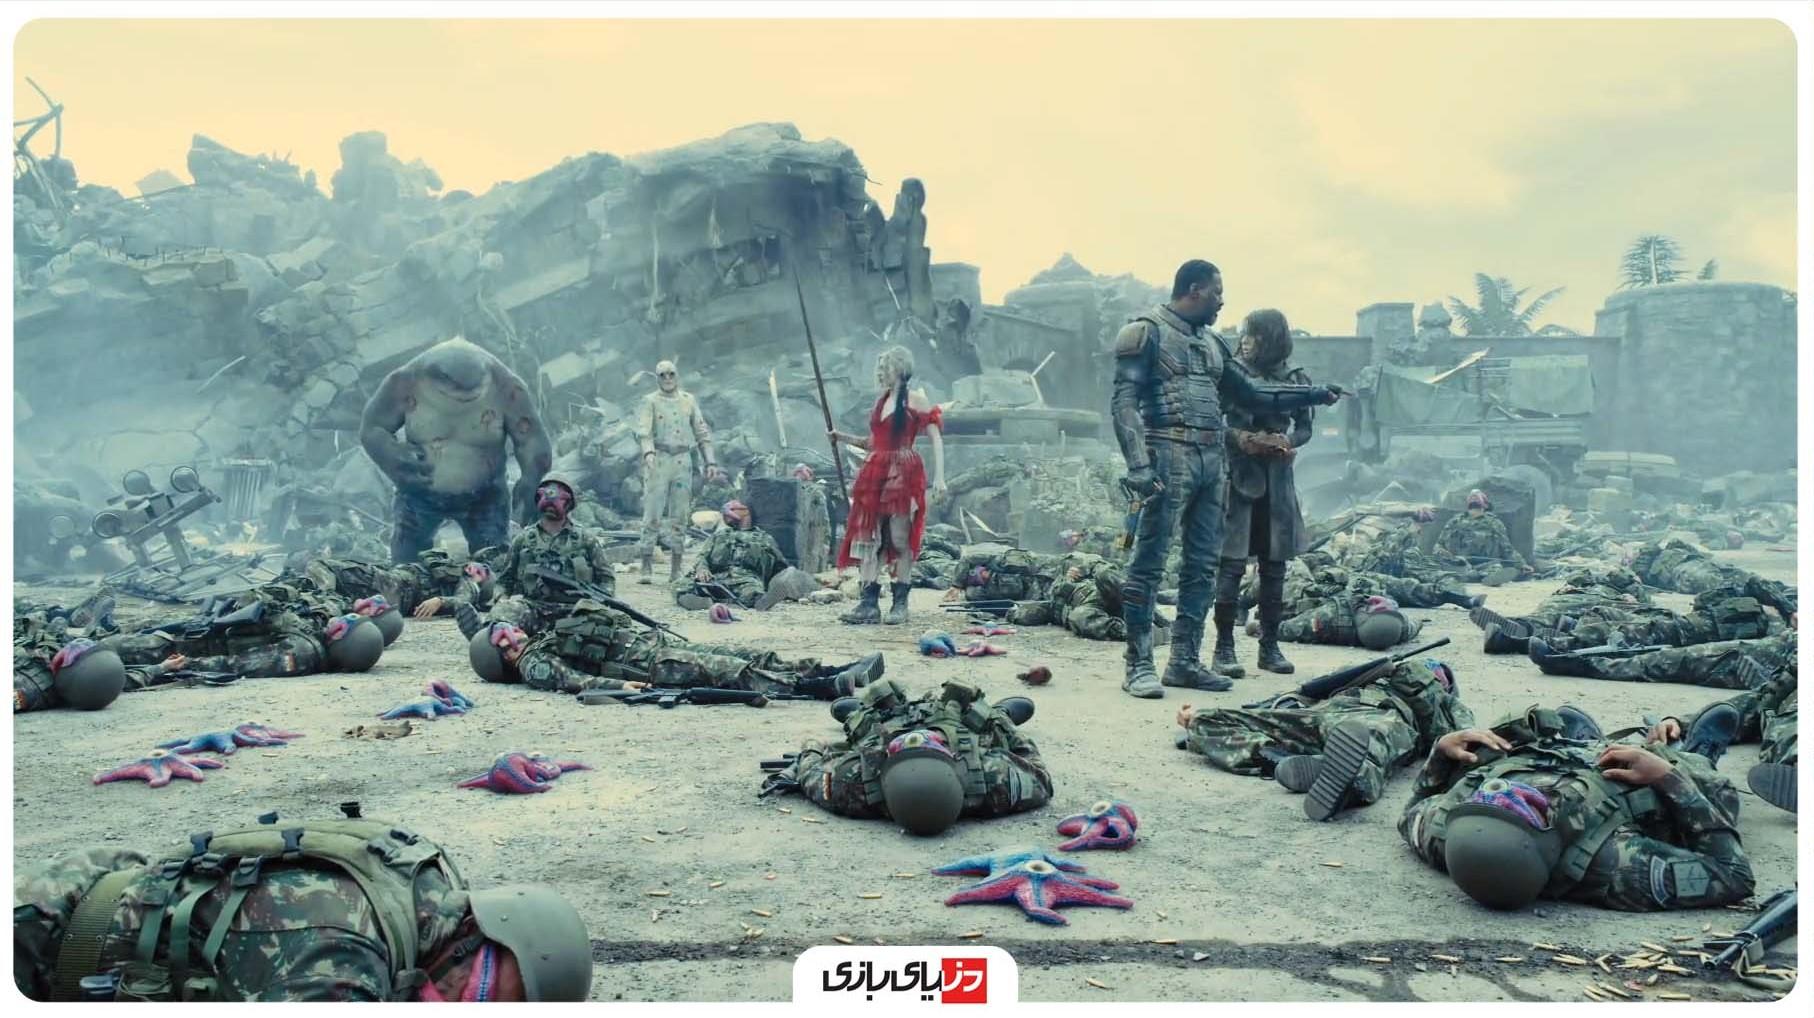 فیلم جوخه انتحاری 2